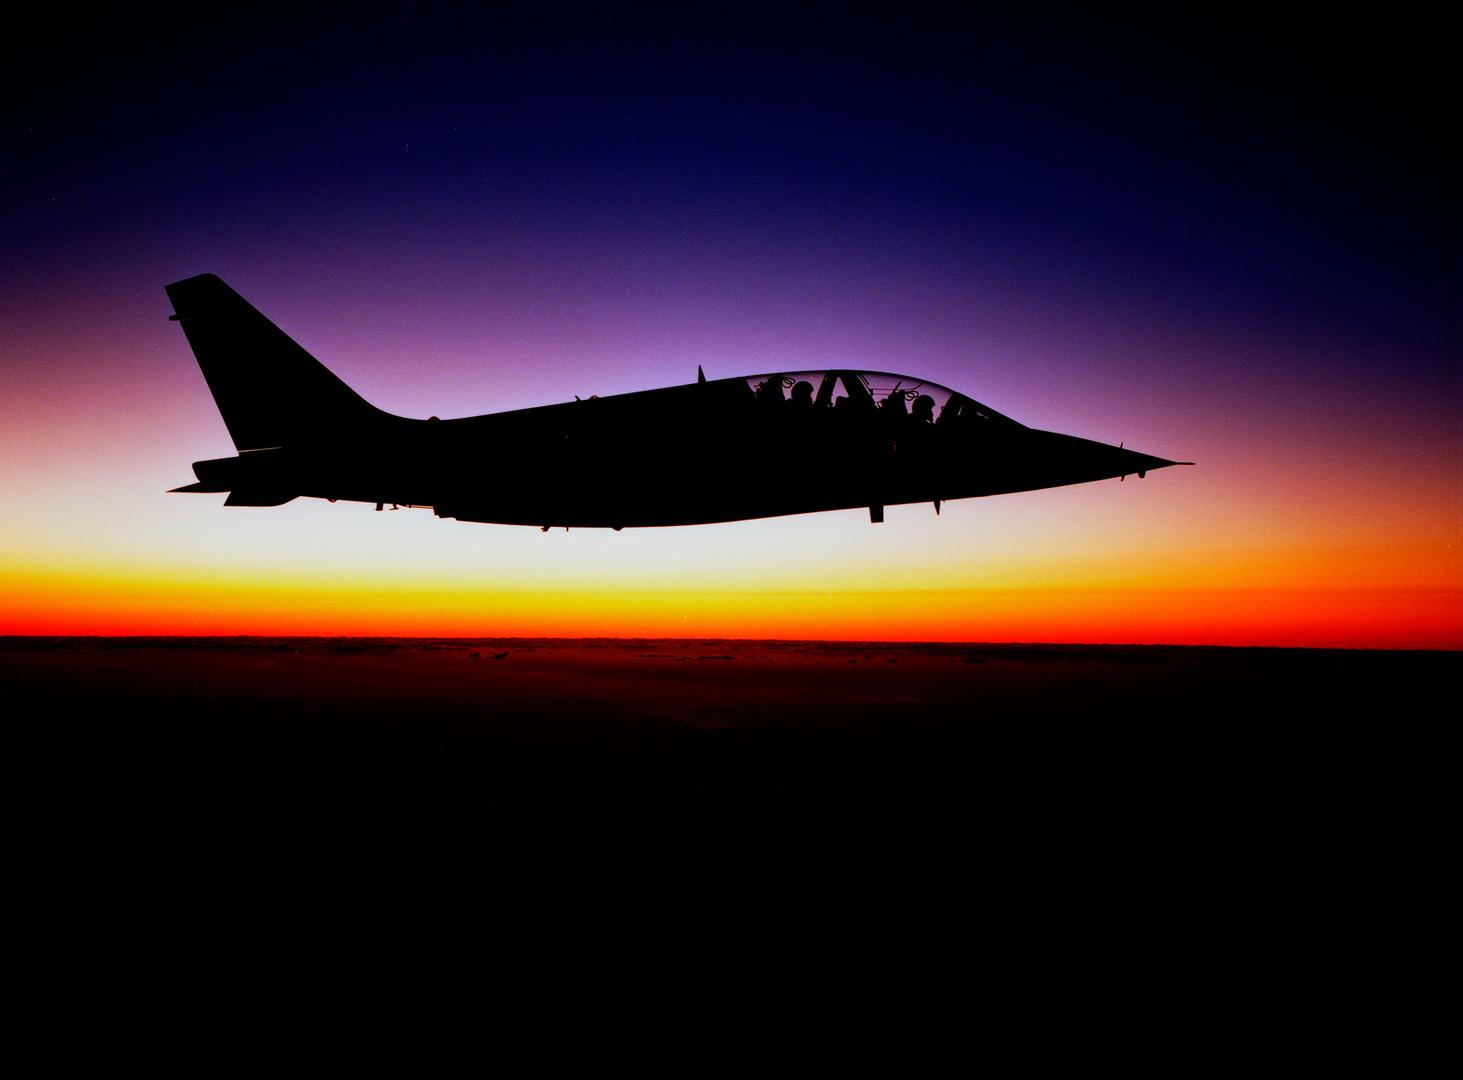 Nightflight.......